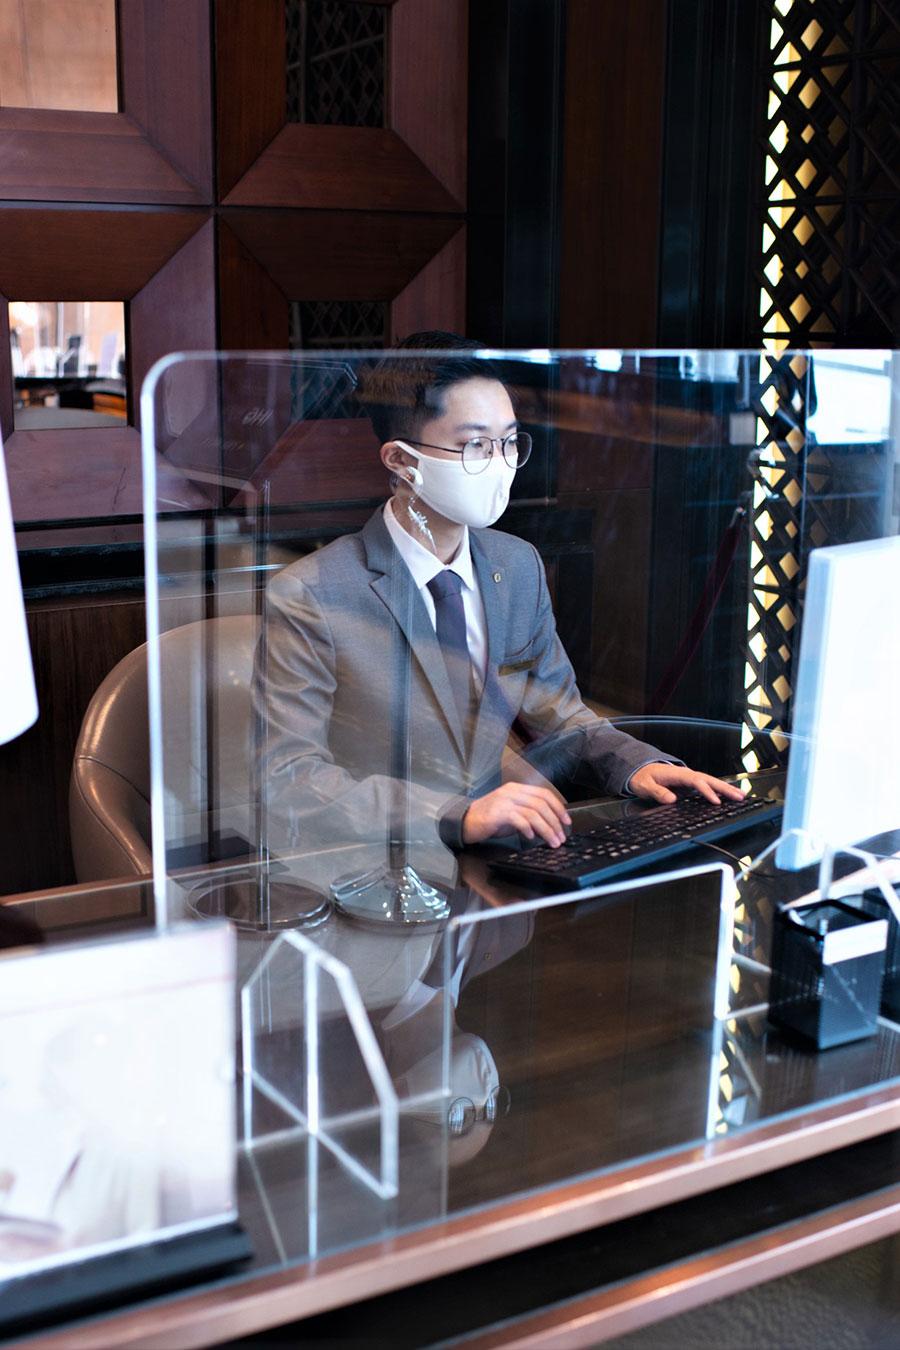 Khu vực lễ tân tại khách sạn có màn hình chắn để tránh tiếp xúc trực tiếp trong các giao dịch. Ảnh: InterContinental Hanoi Landmark72.